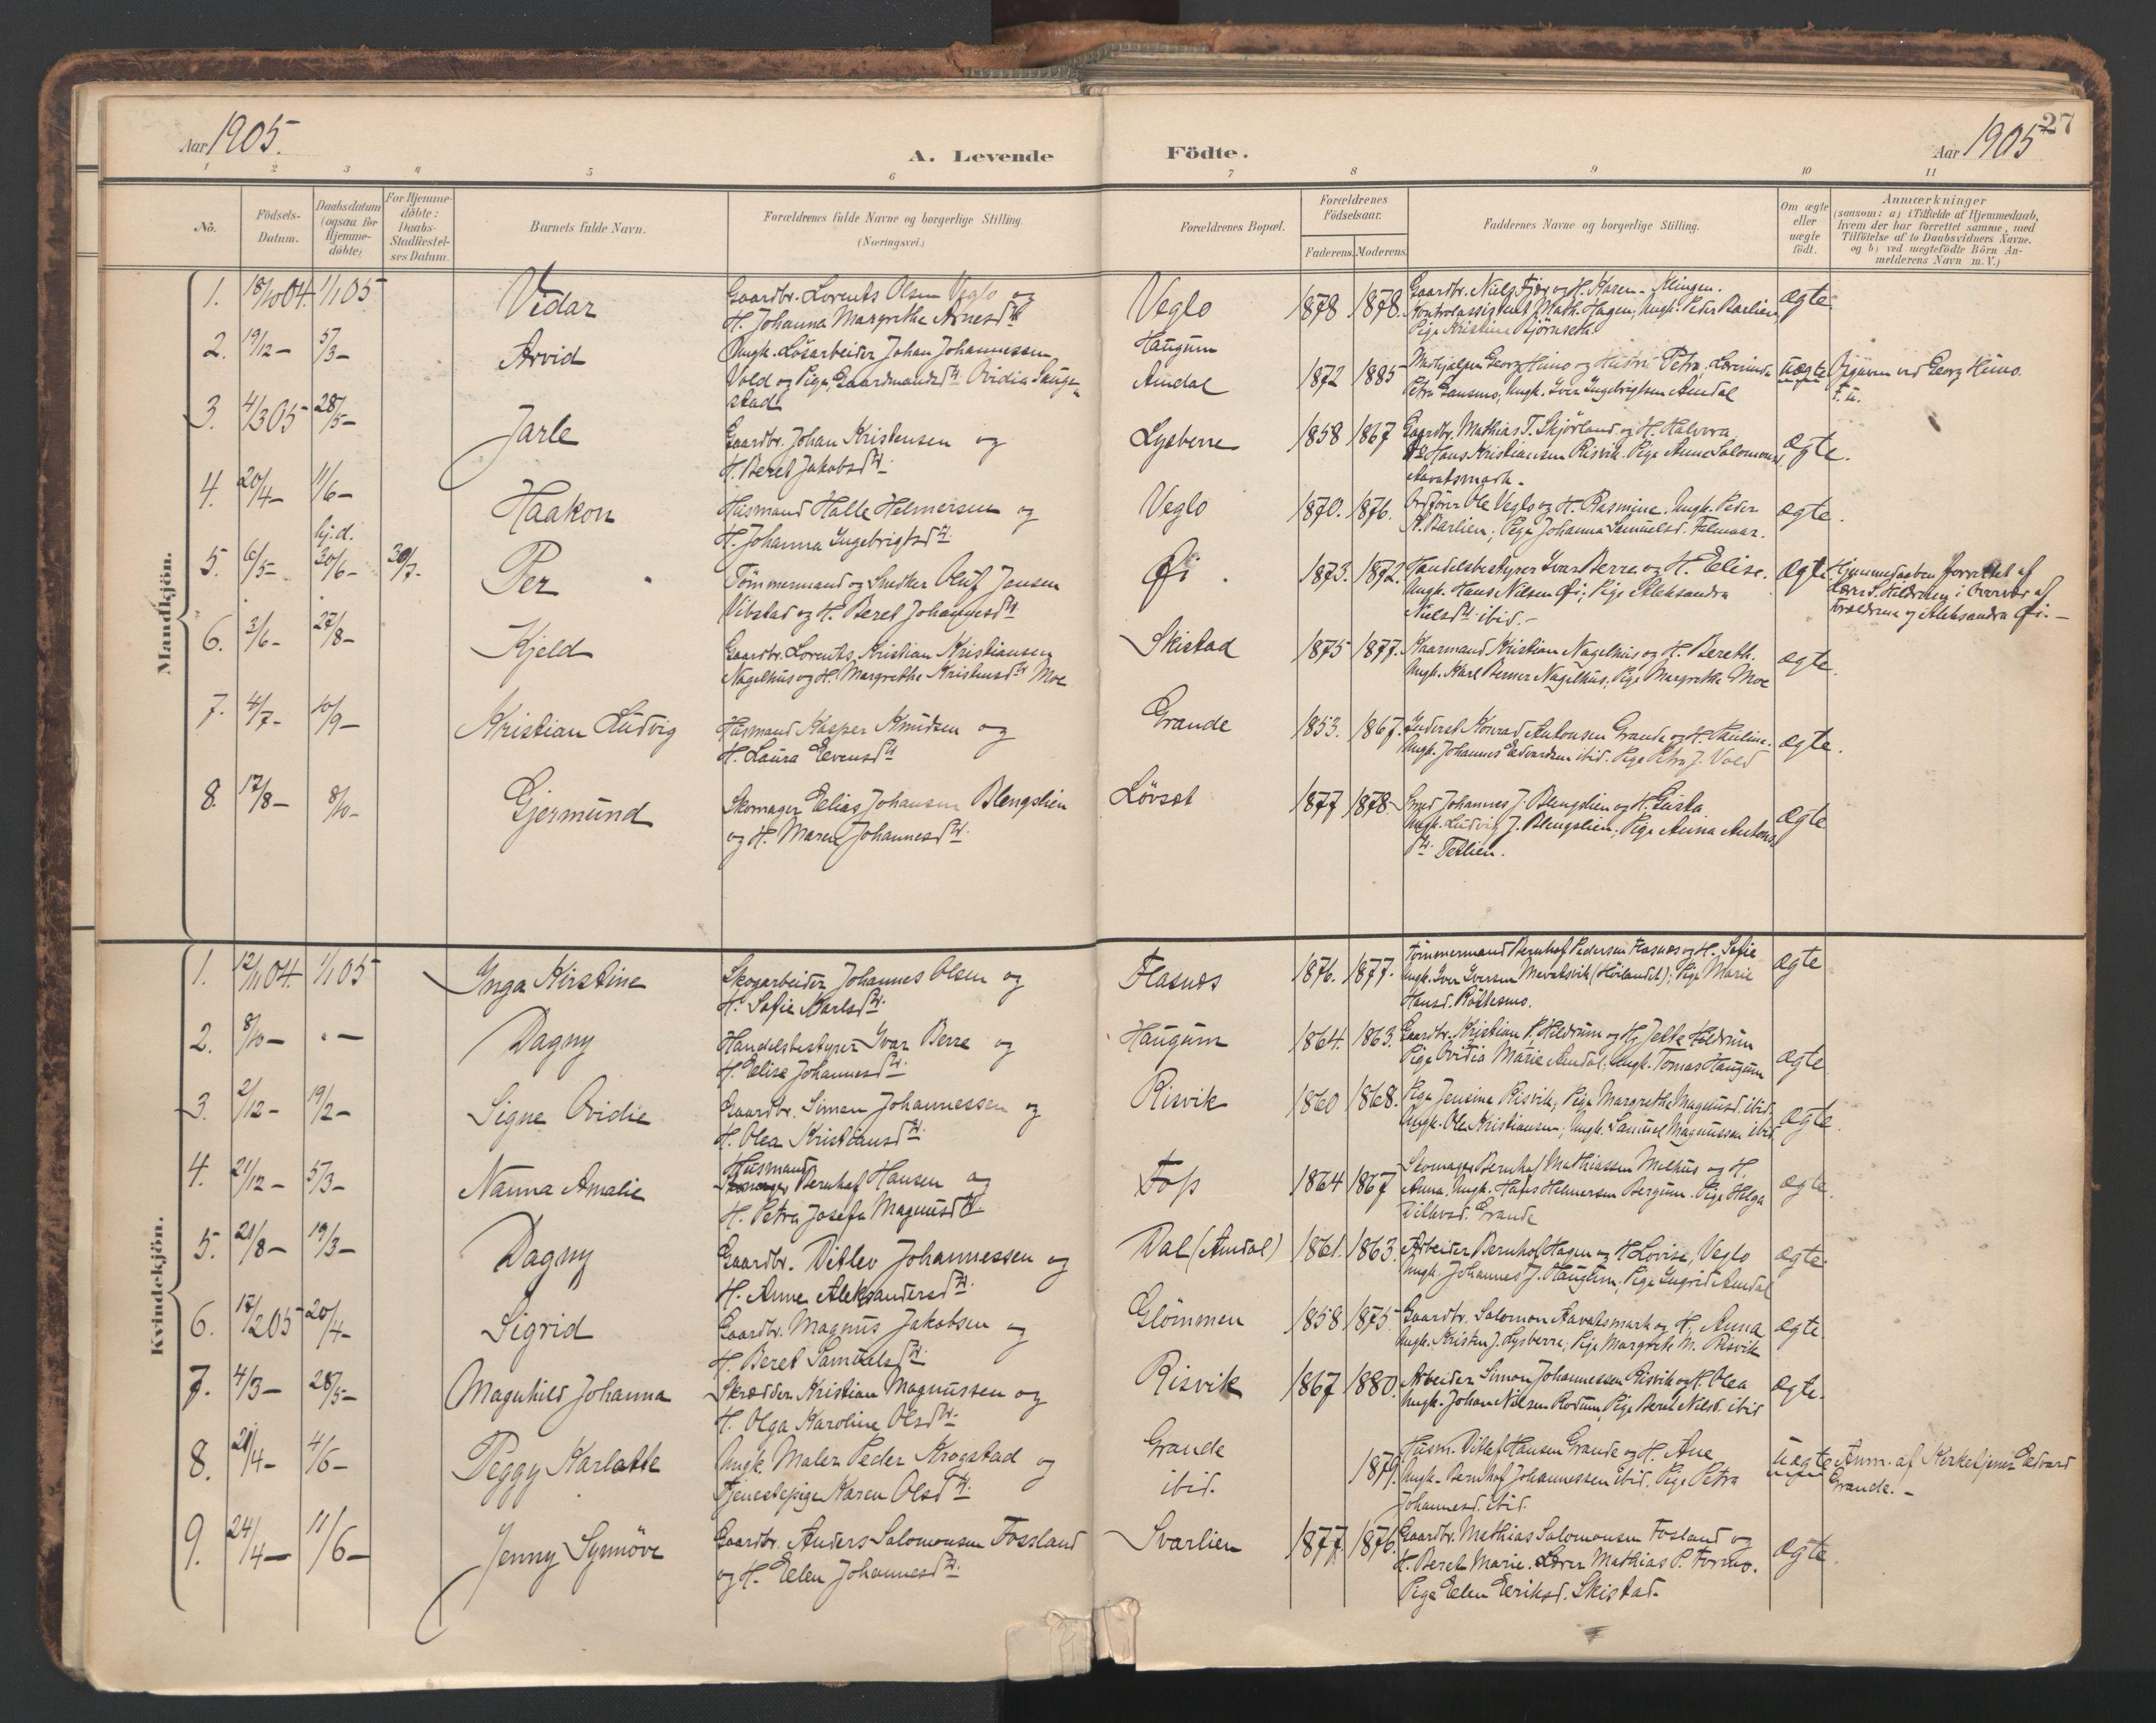 SAT, Ministerialprotokoller, klokkerbøker og fødselsregistre - Nord-Trøndelag, 764/L0556: Ministerialbok nr. 764A11, 1897-1924, s. 27